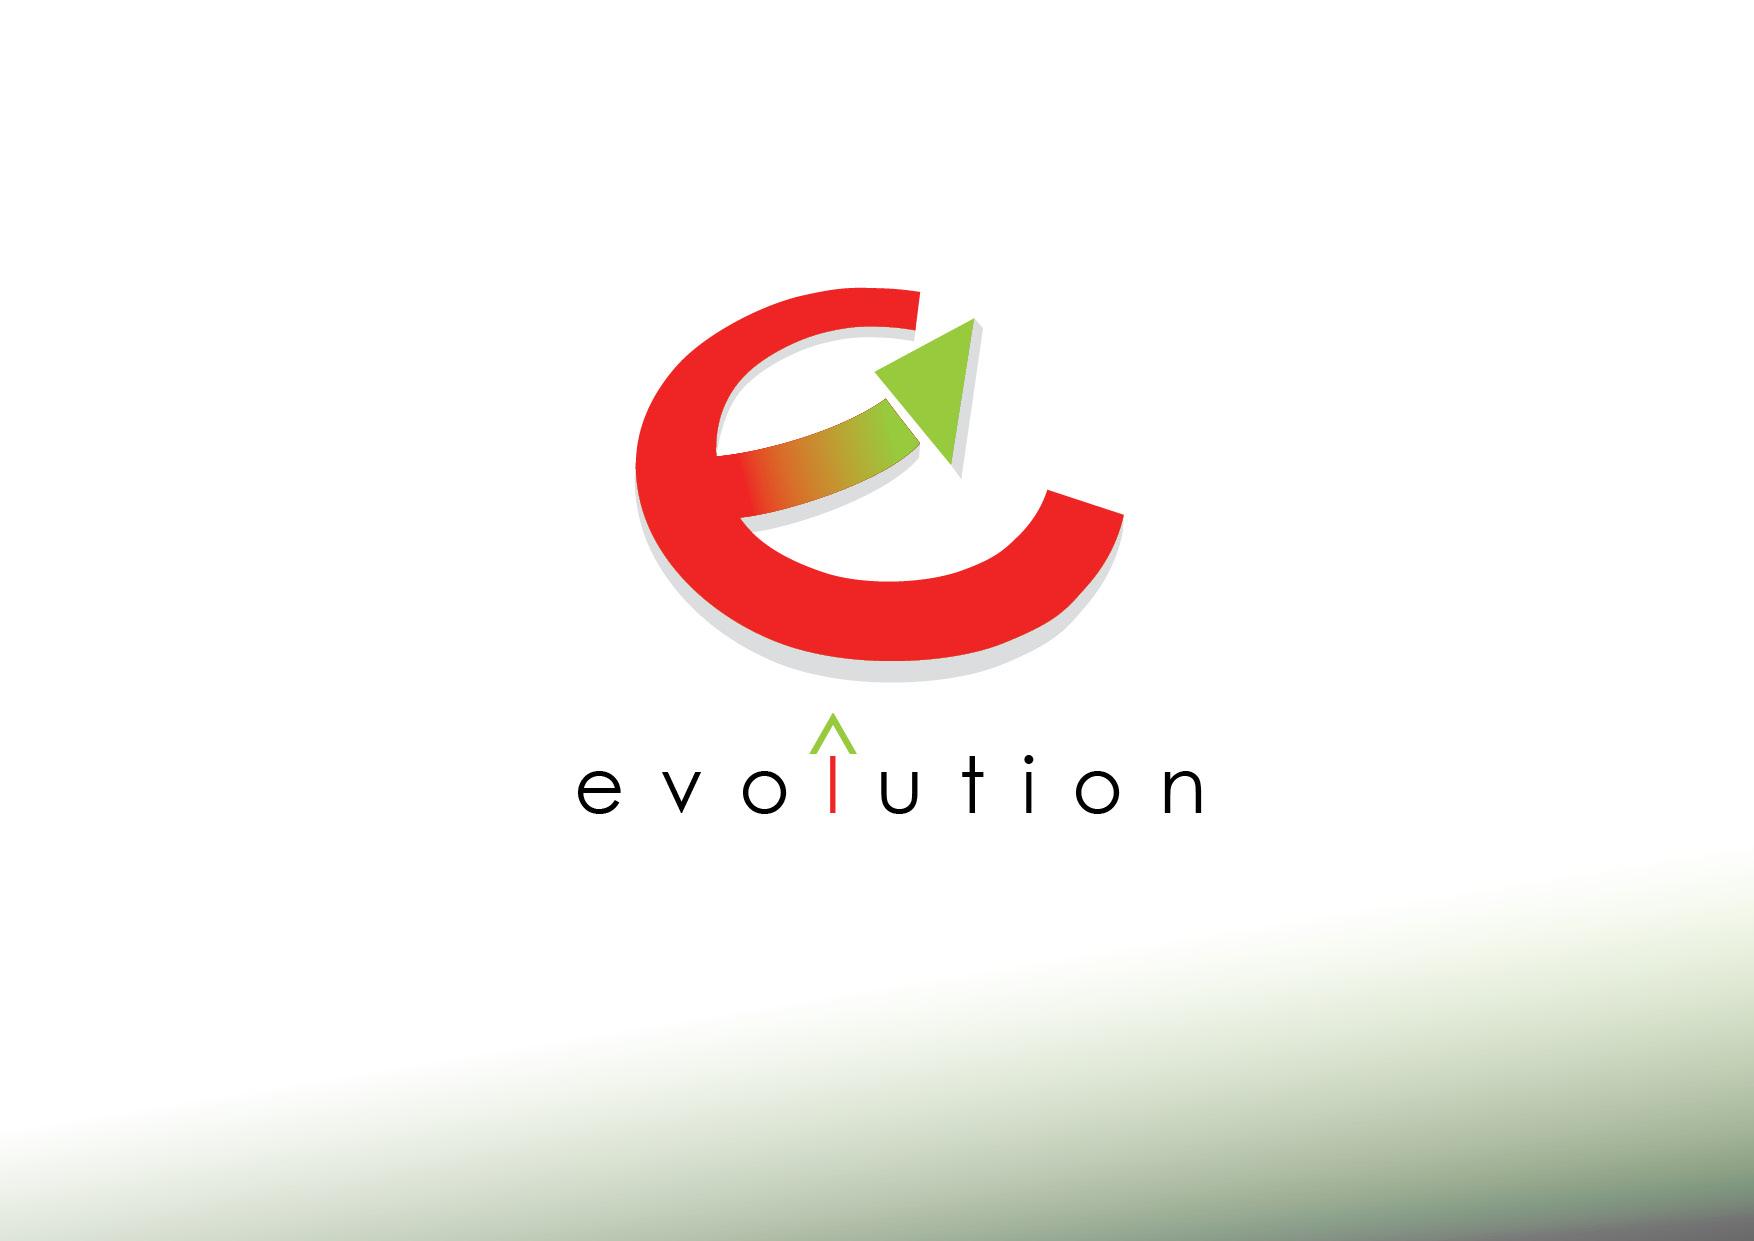 Разработать логотип для Онлайн-школы и сообщества фото f_8225bbf8a7fd410b.jpg